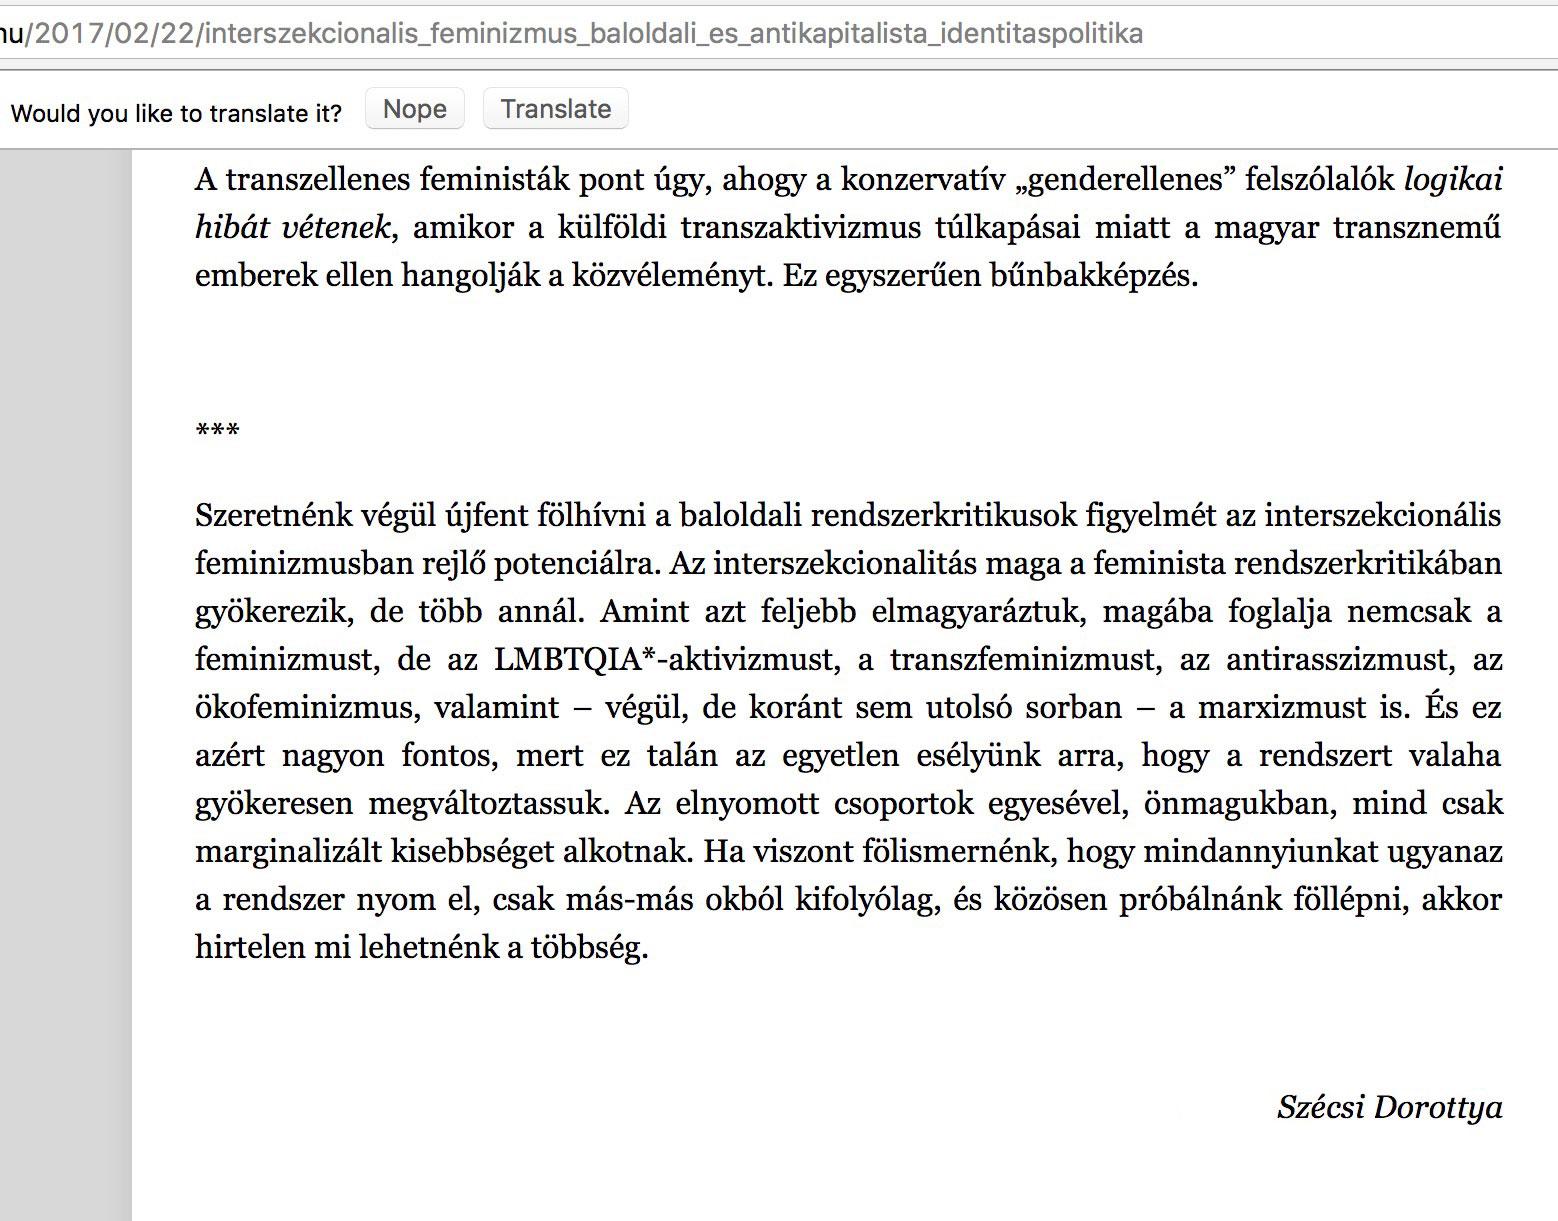 új online társkereső kontrak 17